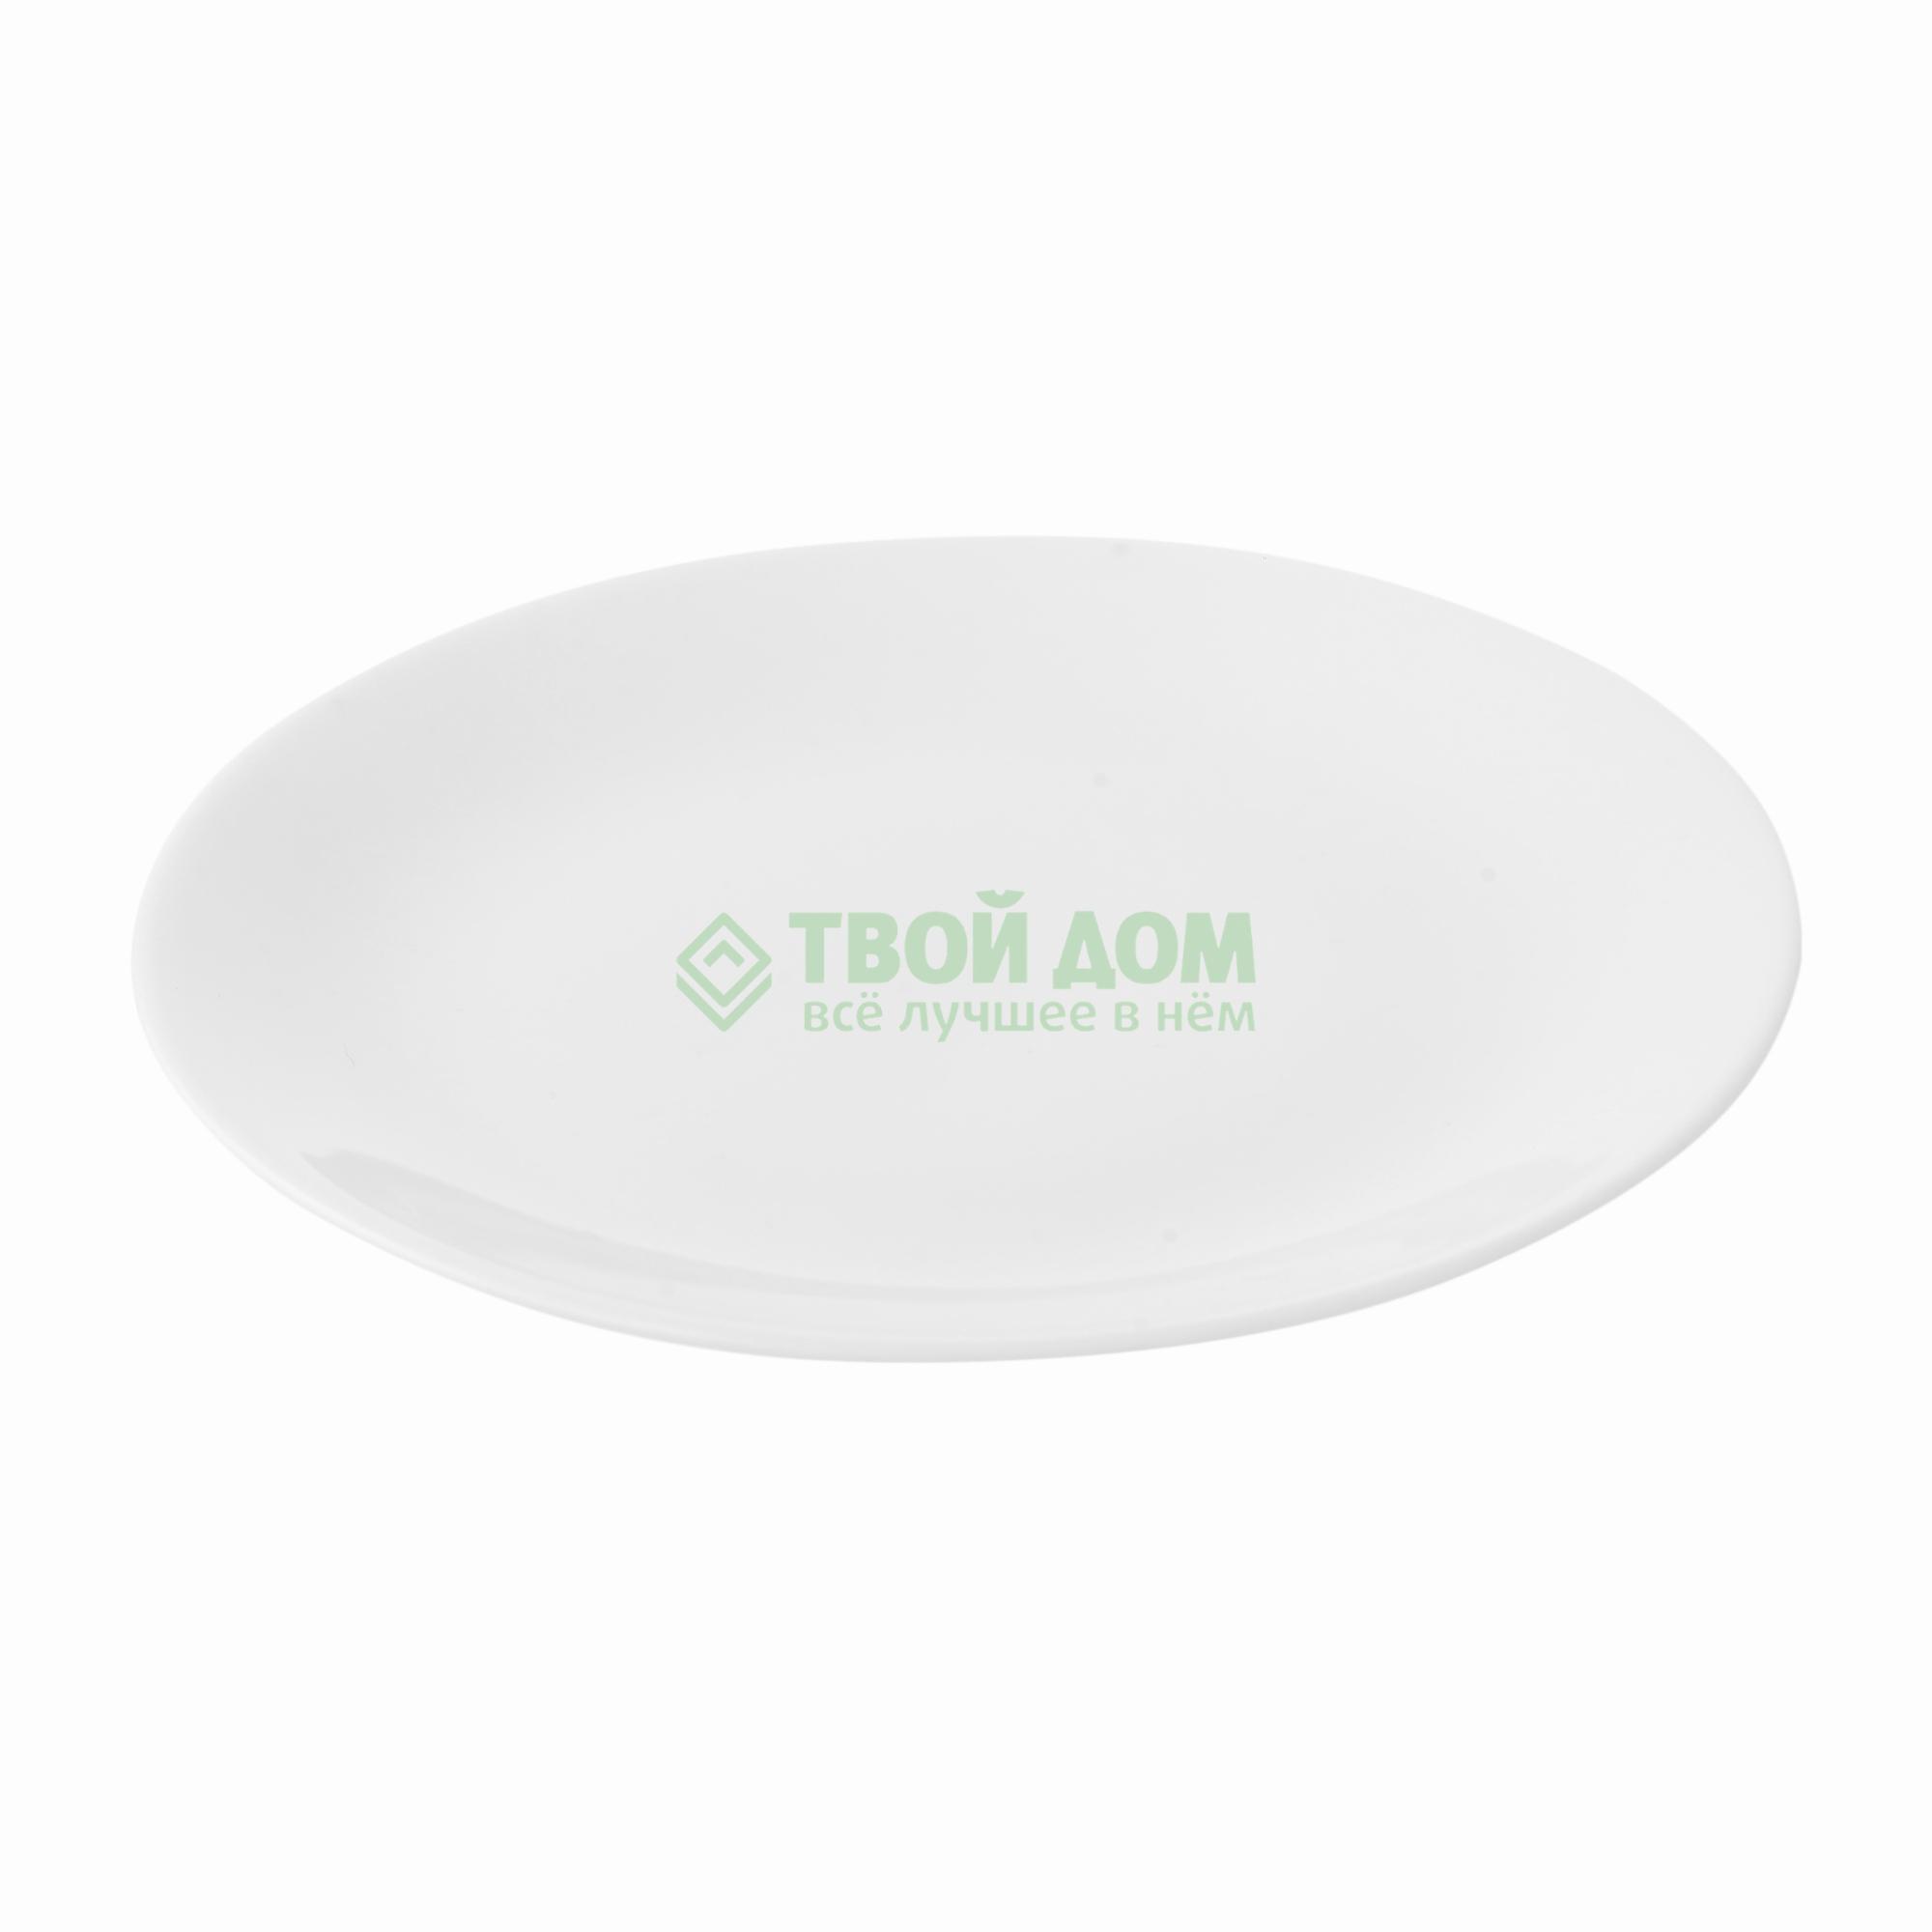 Фото - Тарелка для десерта Asa Selection A Table 14,5 см тарелка asa selection a table 25 см